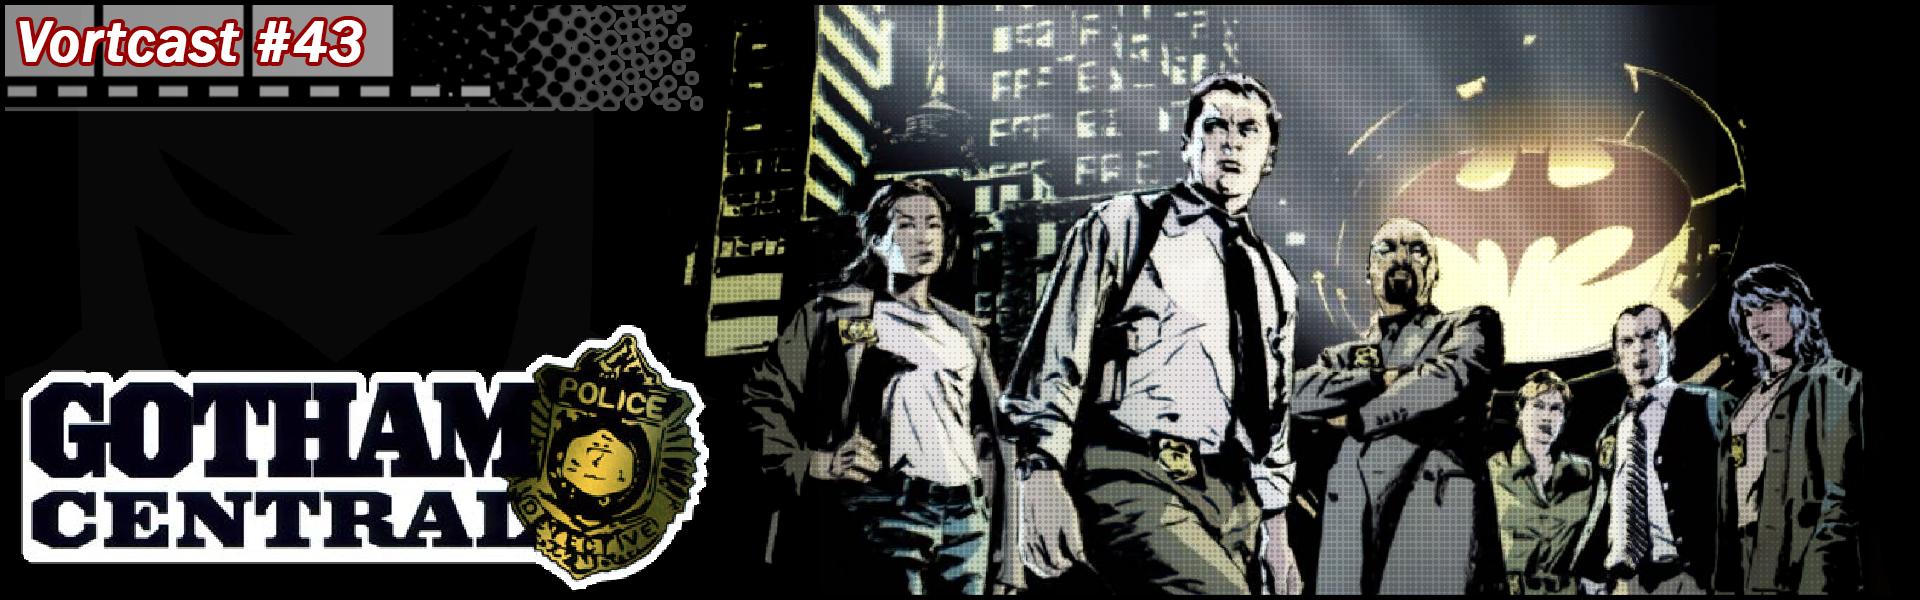 VortCast 43 | Gotham Central - No Cumprimento do Dever